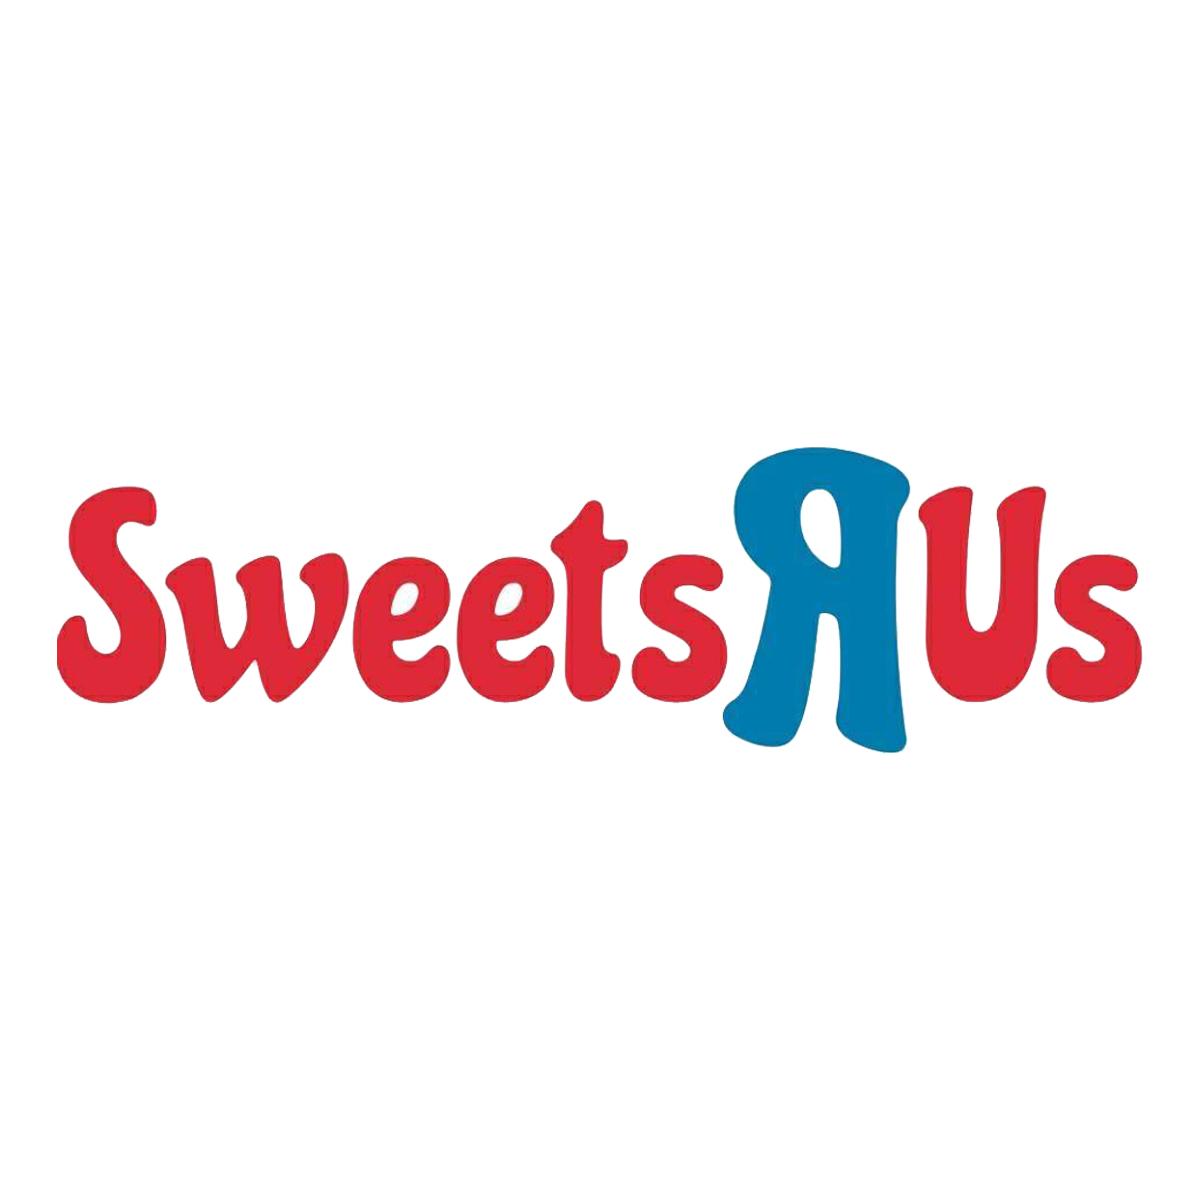 Sweet r us.jpg